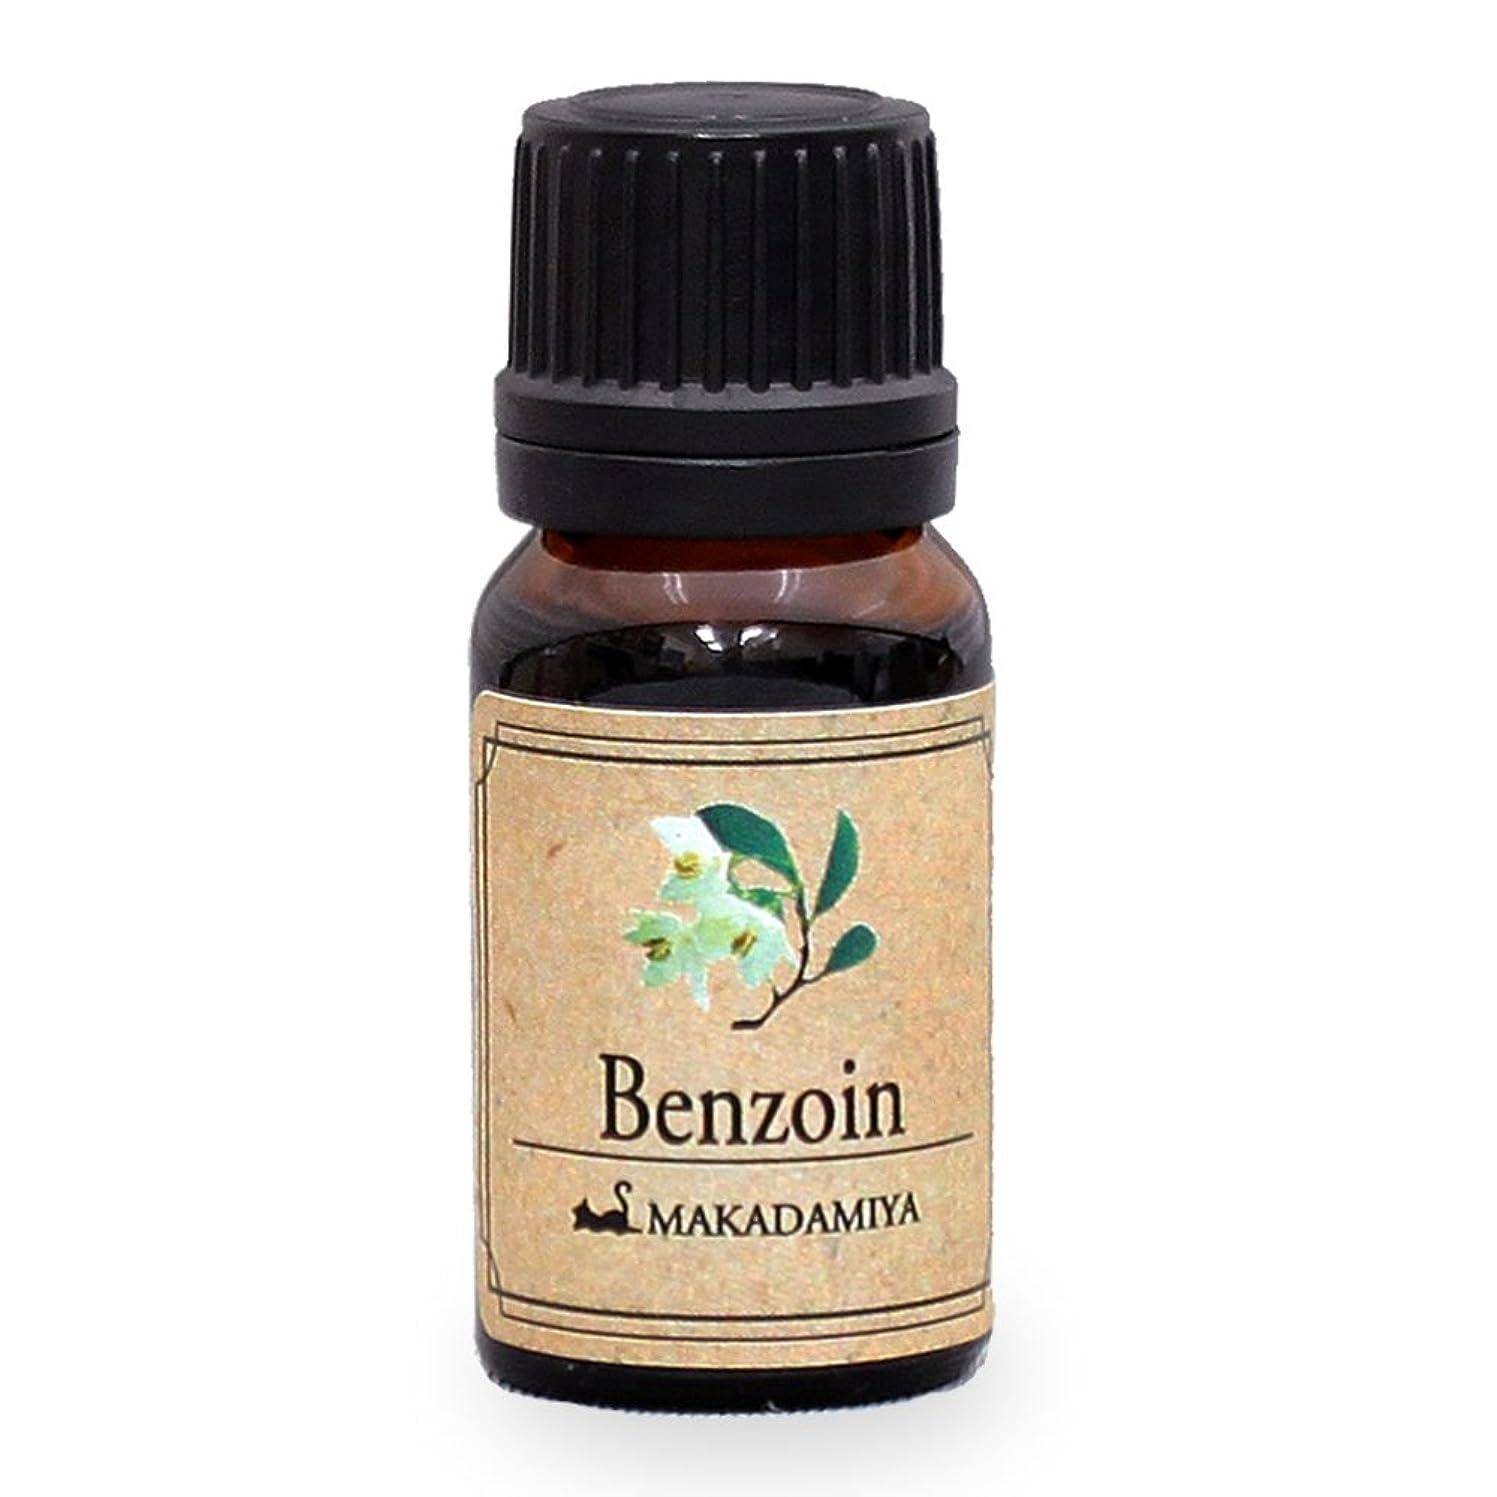 乱気流上級写真ベンゾイン10ml天然100%植物性エッセンシャルオイル(精油)アロマオイルアロママッサージアロマテラピーaroma Benzoin